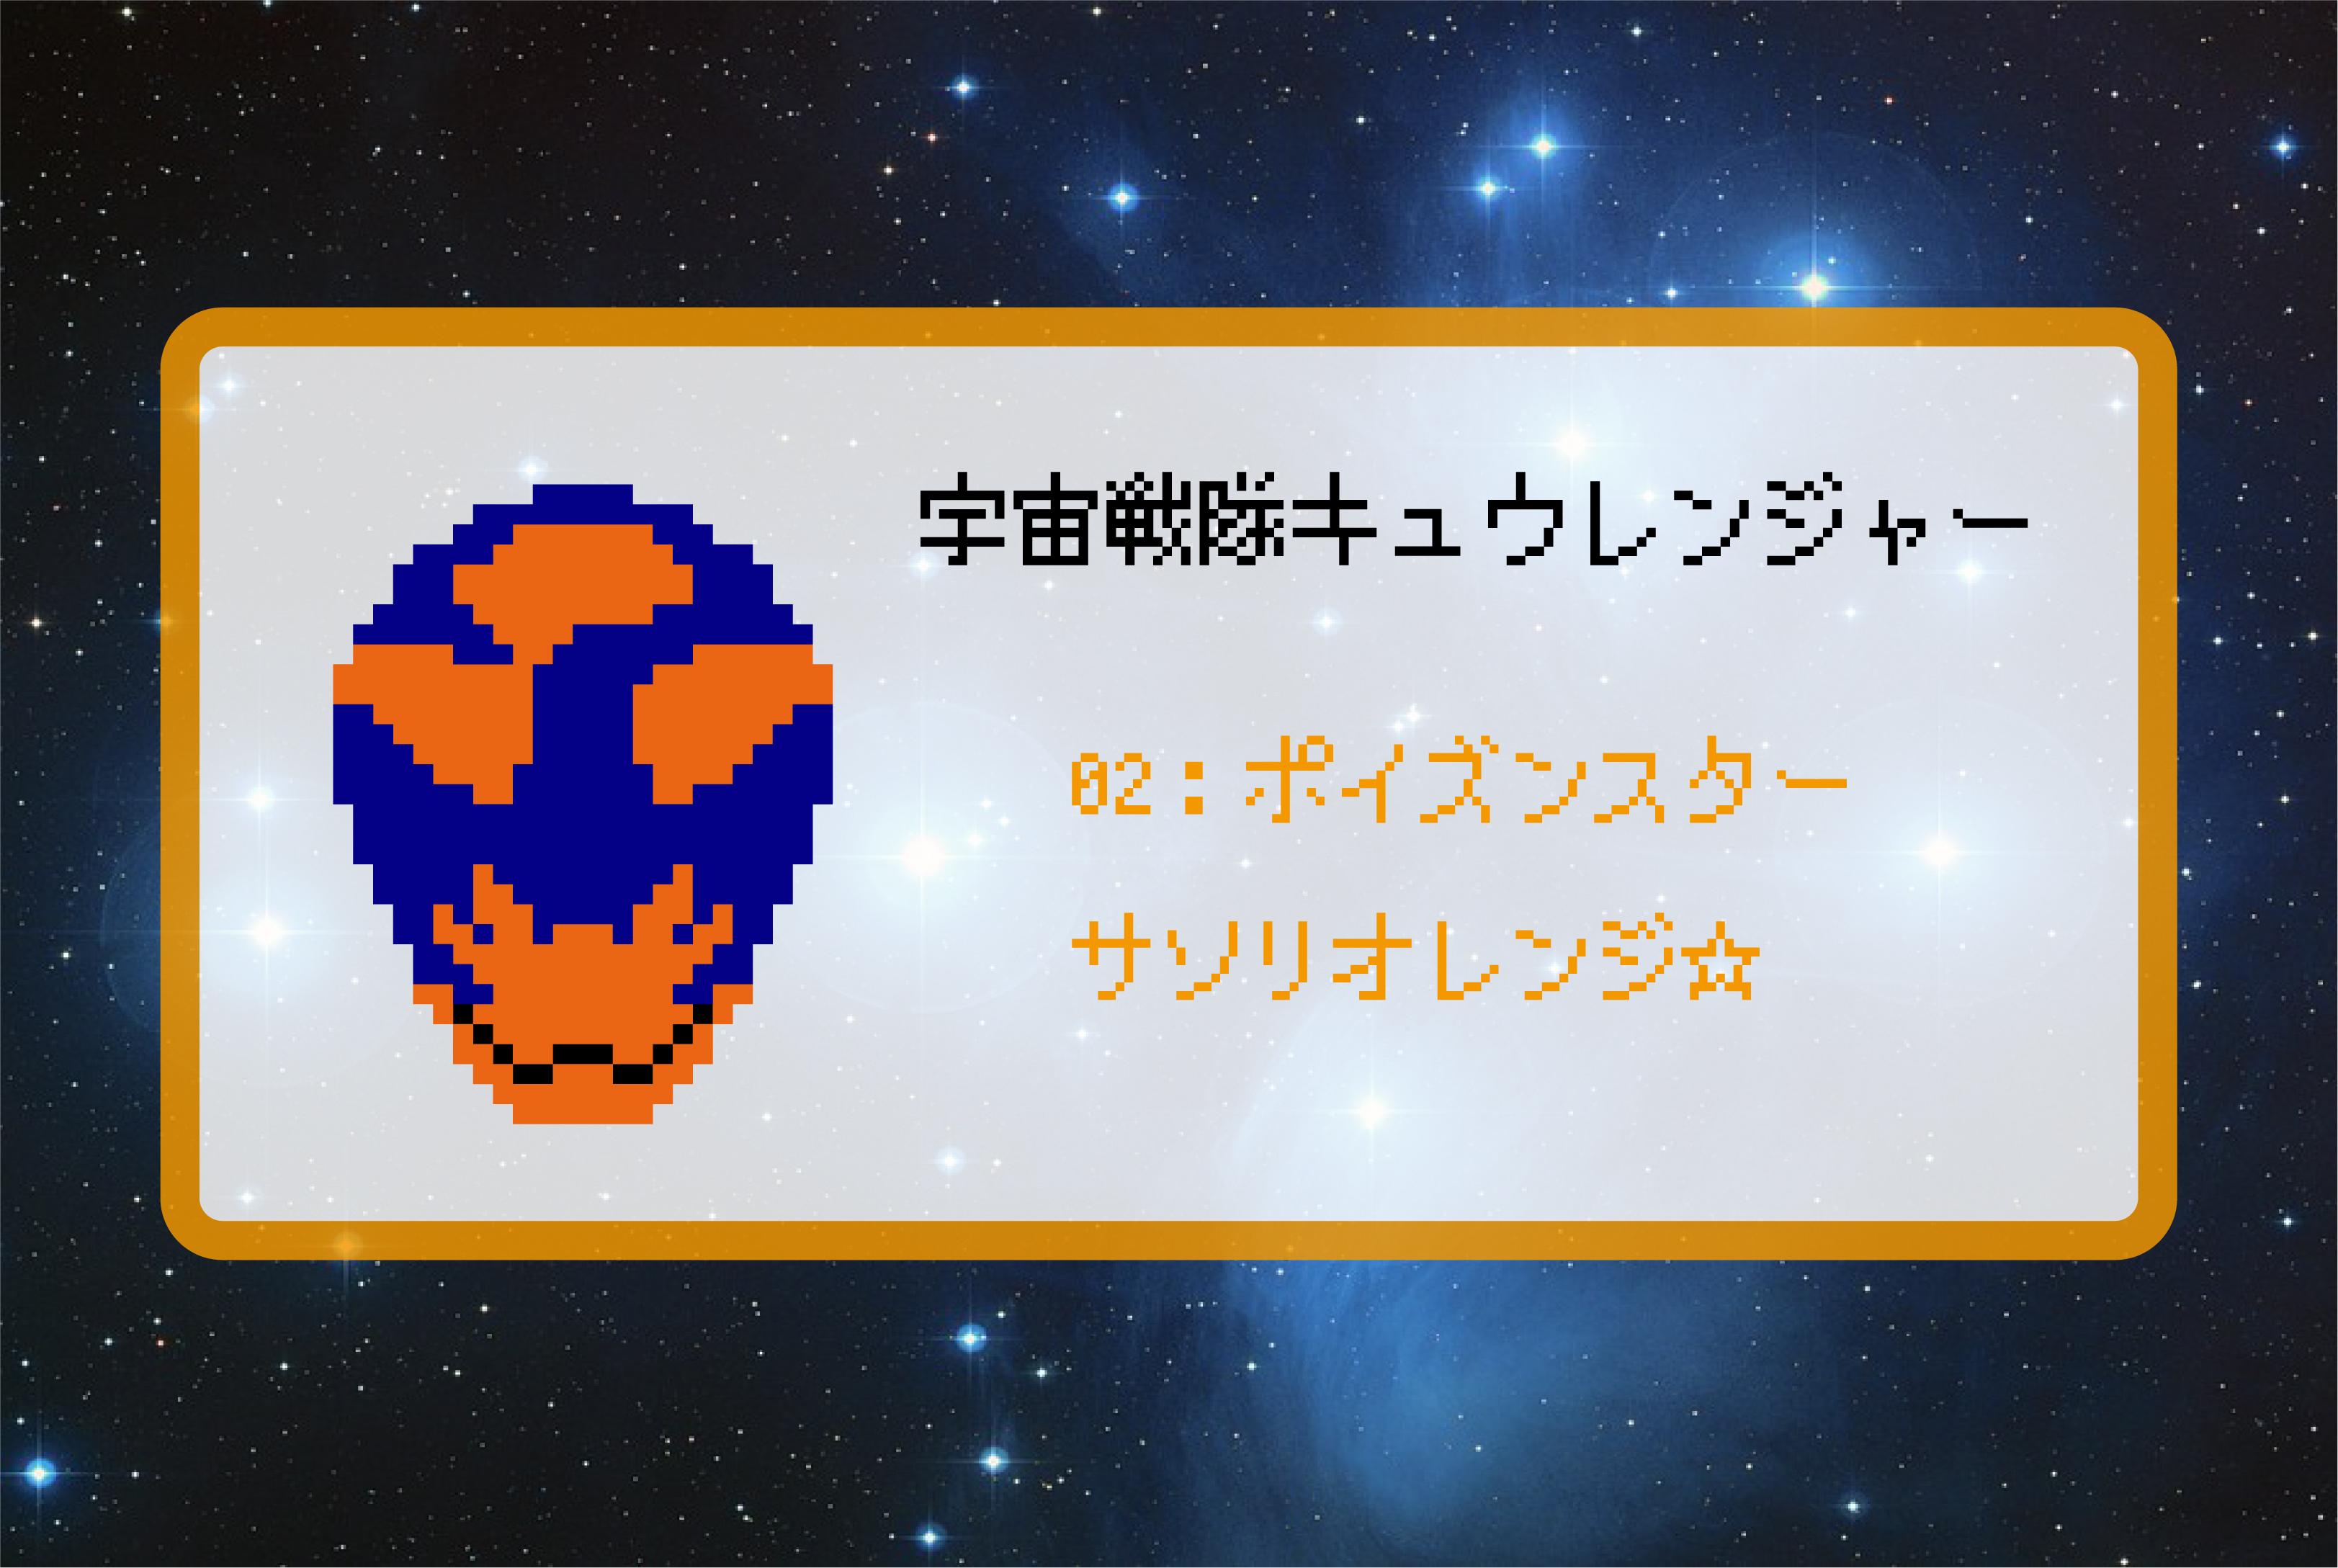 【宇宙戦隊キュウレンジャー】サソリオレンジのアイロンビーズ図案